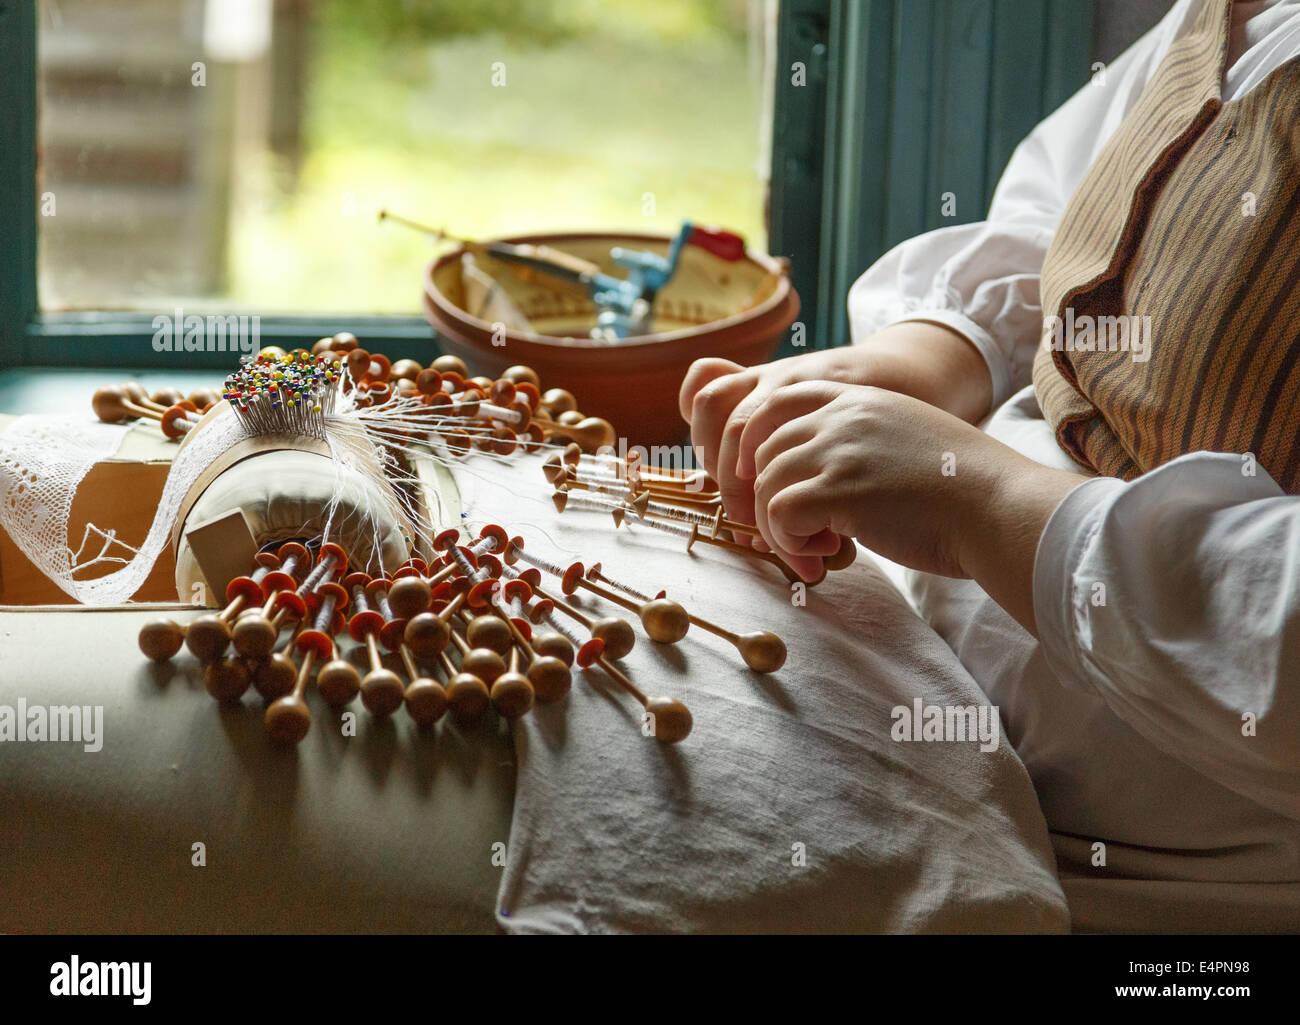 El encaje de bolillos se produce con el método tradicional a mano con bobinas y una almohada con pasadores Imagen De Stock